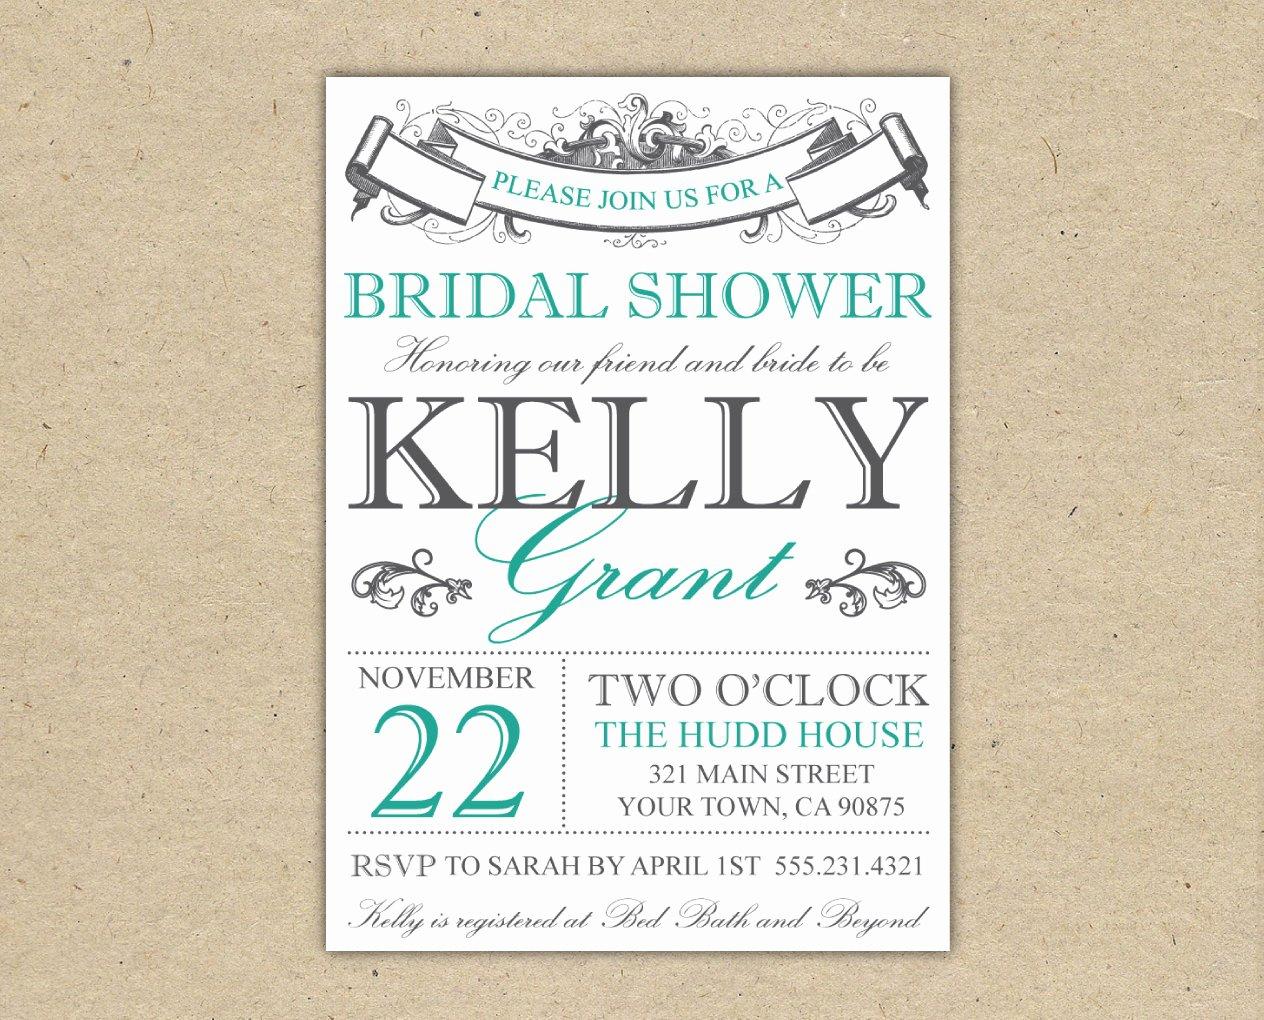 Free Bridal Shower Invitation Printables Fresh Bridal Shower Invitations Bridal Shower Invitations Free